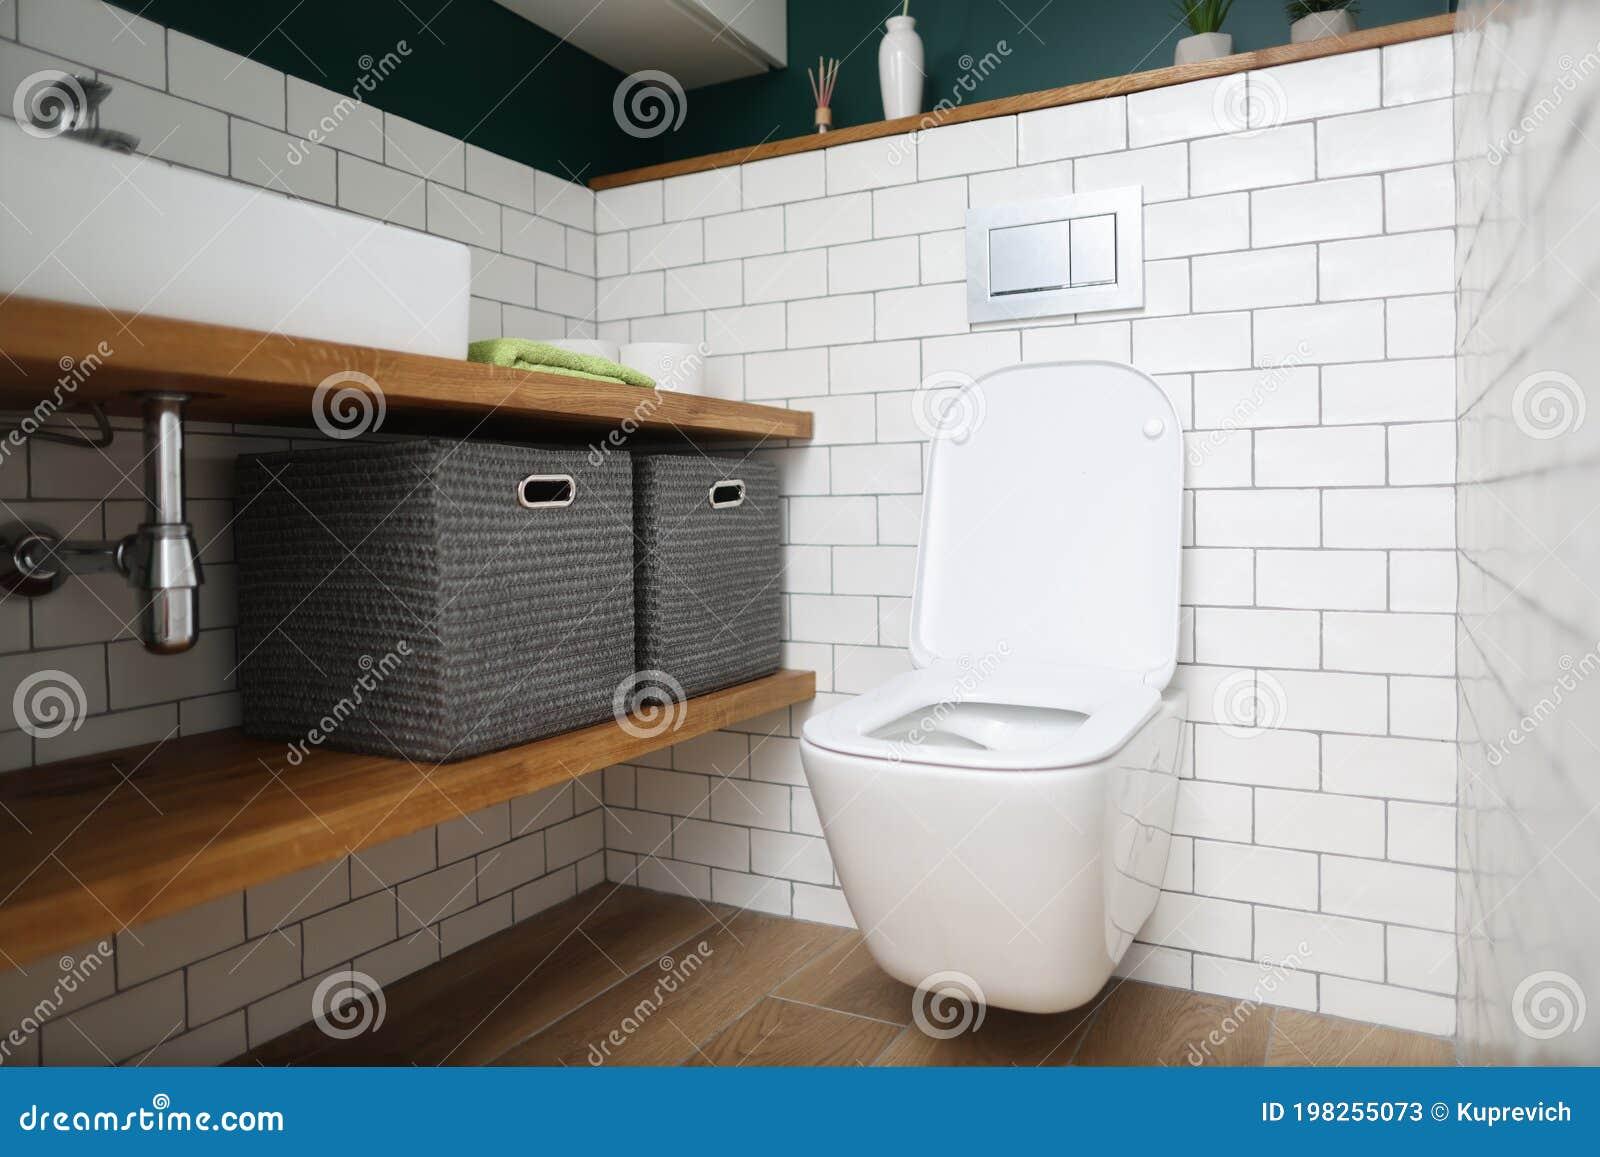 Plumbing hookup toilet How to